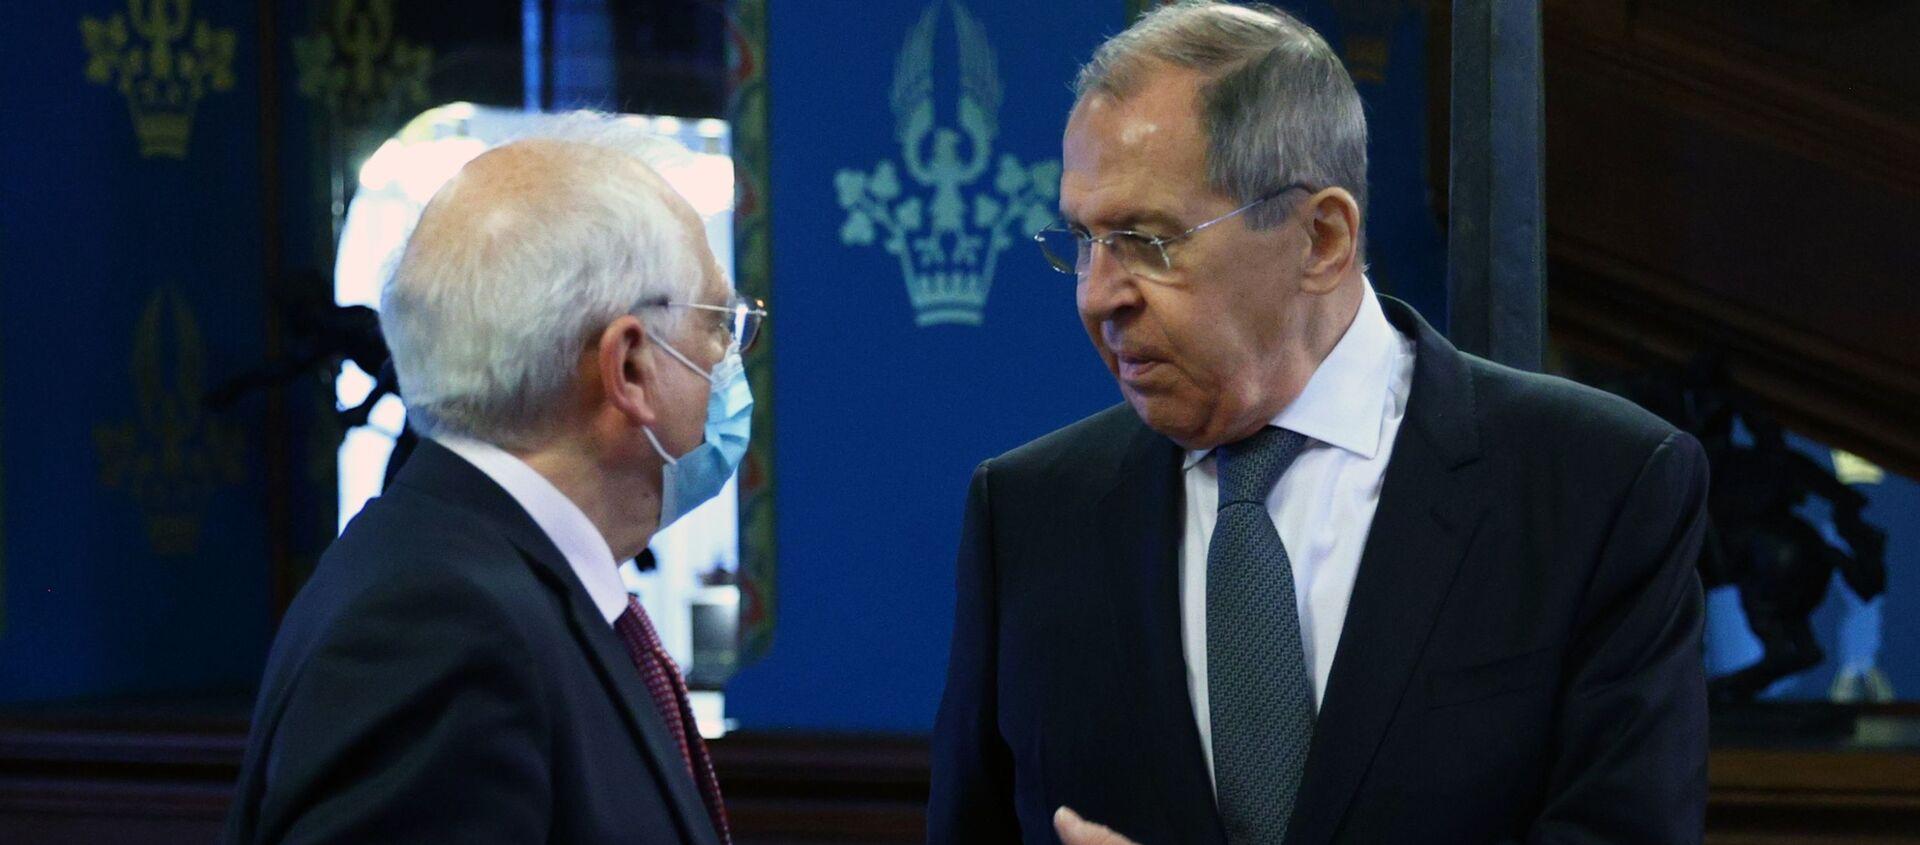 Лавров Борељу: Одсуство нормалности у односима Русије и ЕУ никоме не користи - Sputnik Србија, 1920, 05.02.2021